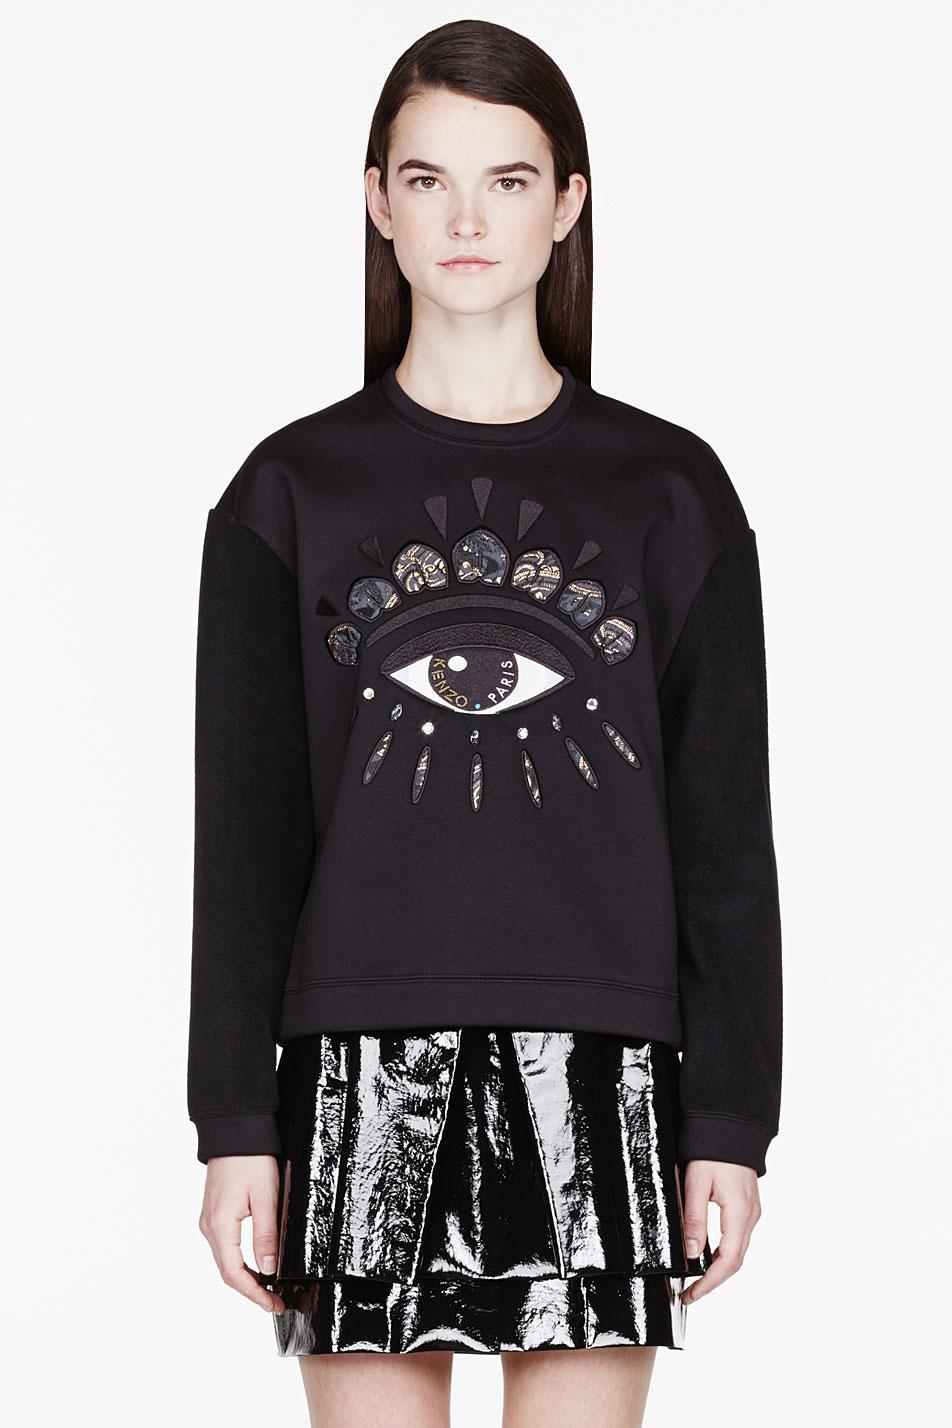 3aaf5a214ee KENZO Black Fleece and Neoprene Eye Embroidered Sweatshirt in Black ...